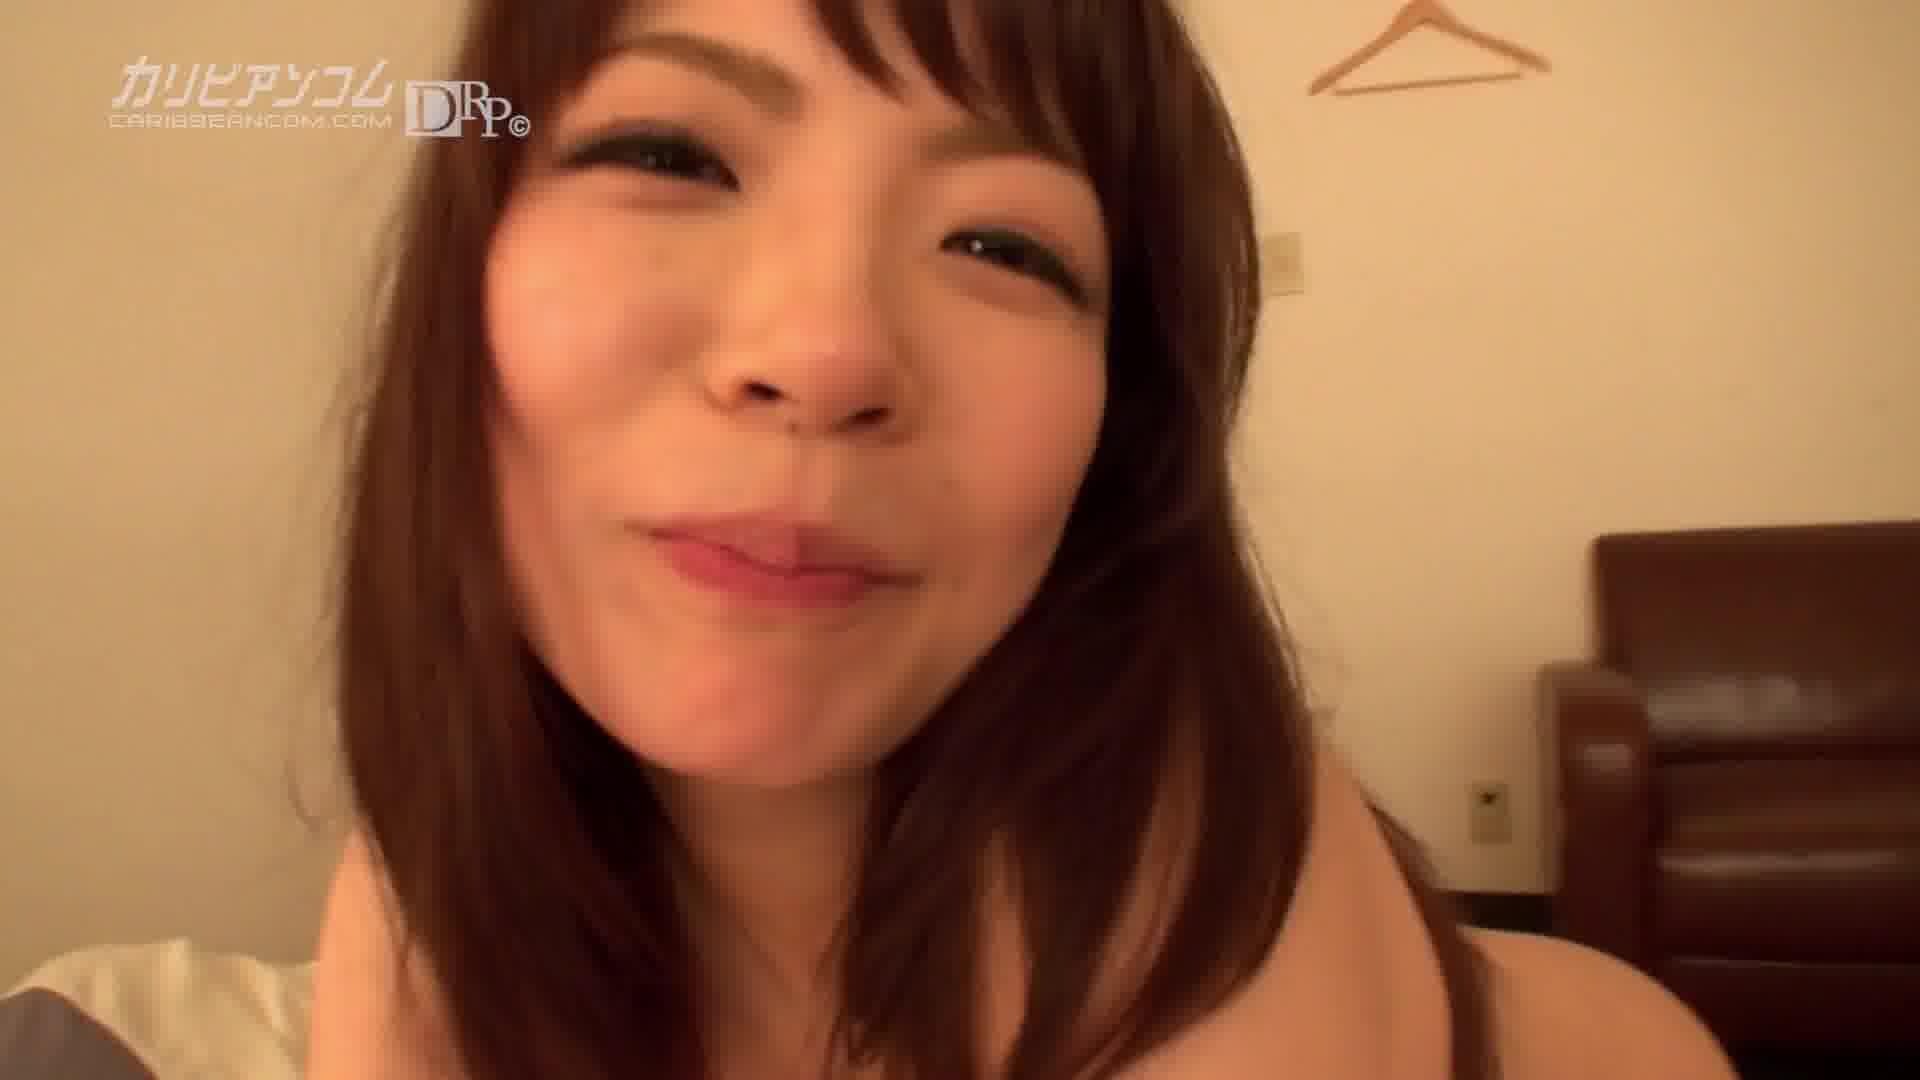 水城奈緒がぼくのお嫁さん - 水城奈緒【痴女・巨乳・パイパン】